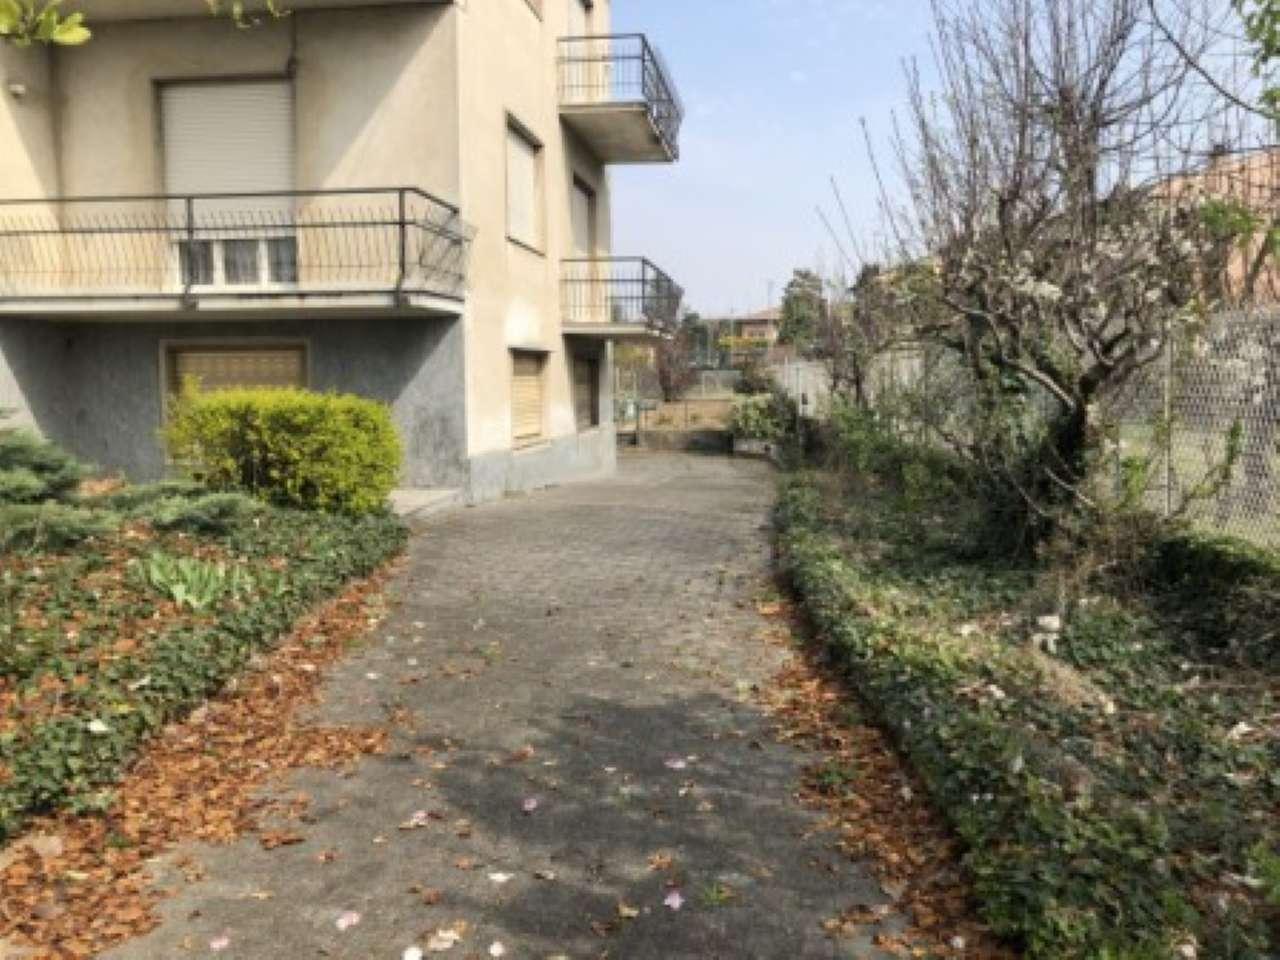 Appartamento in vendita a Gerenzano, 5 locali, prezzo € 189.000 | PortaleAgenzieImmobiliari.it